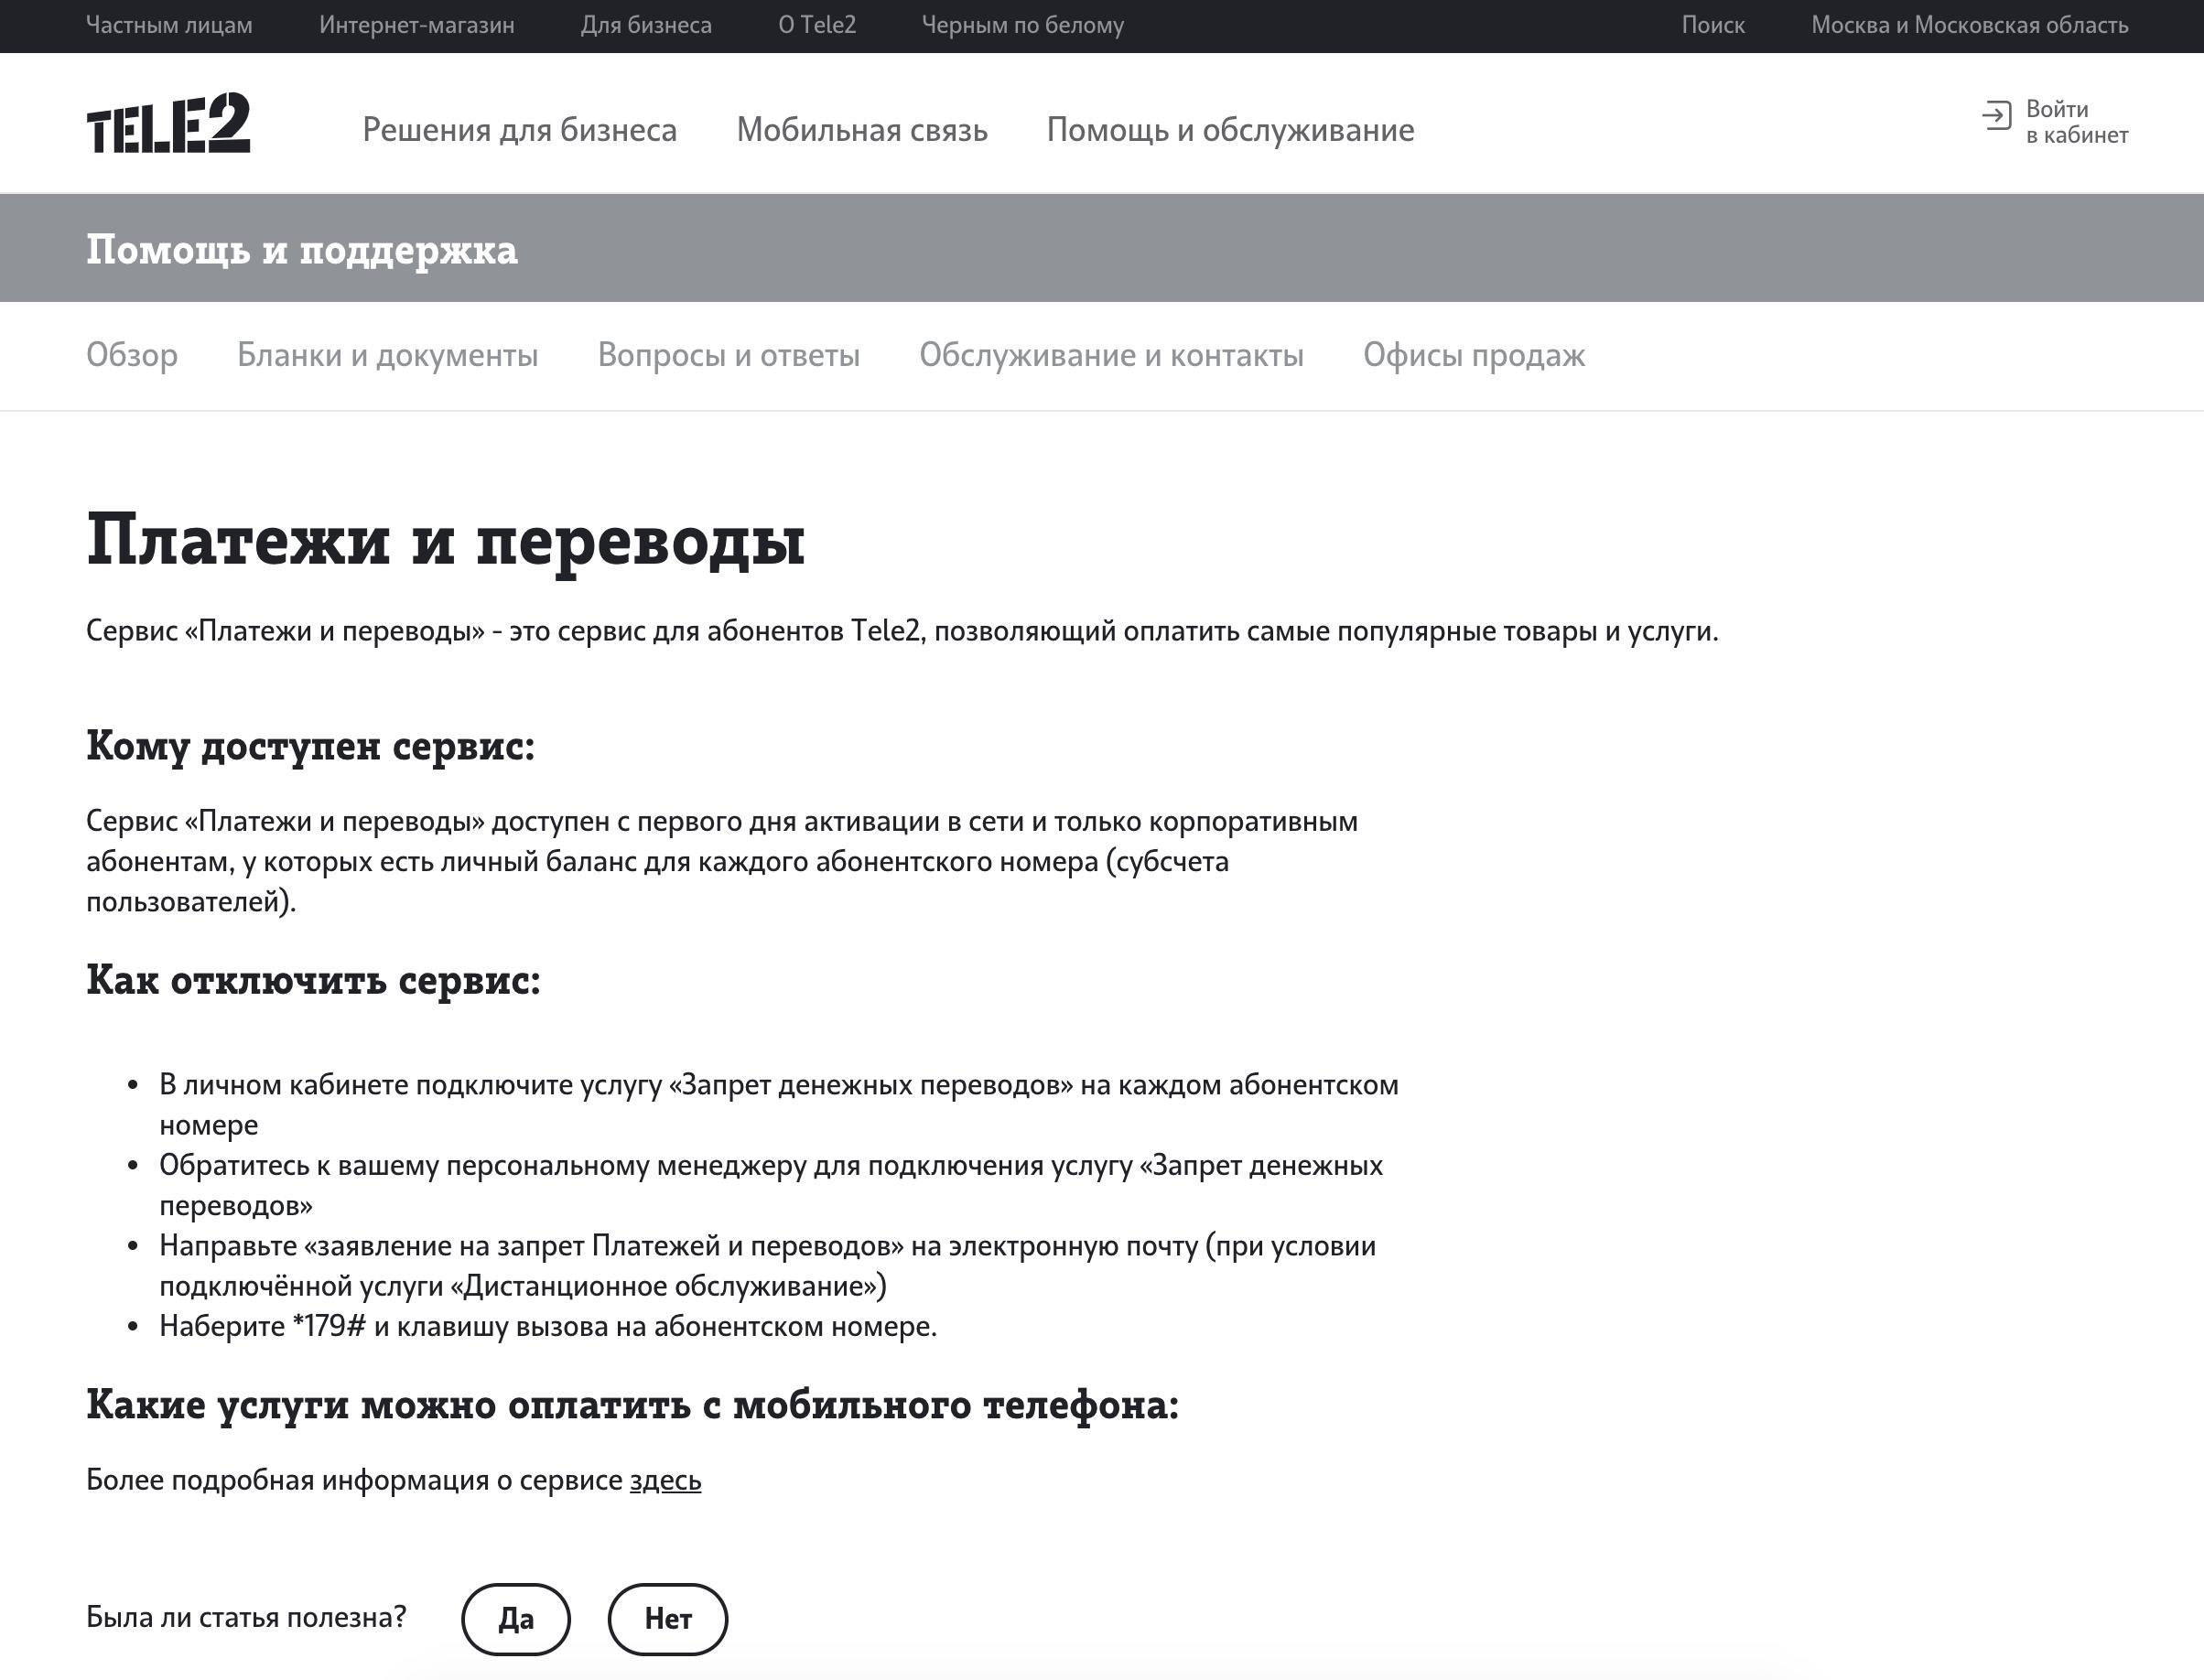 запрет денежных переводов на теле2 как отключить - сервис платежи и переводы